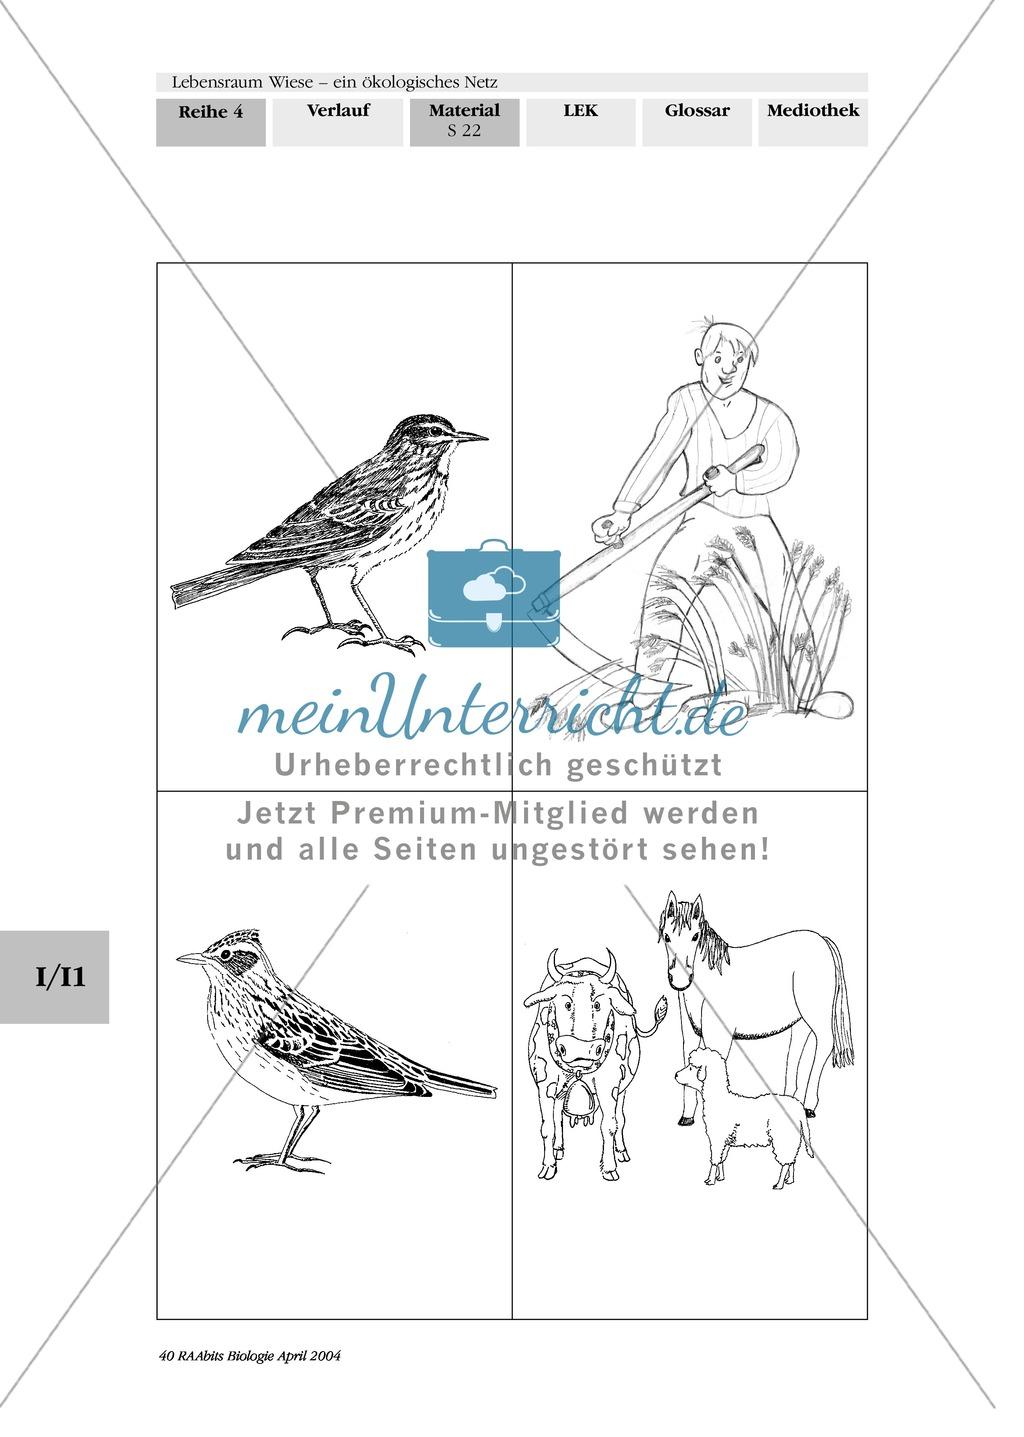 Lebensraum Wiese: Das ökologische Netz einer Wiese - Text- und Bildkarten Preview 18